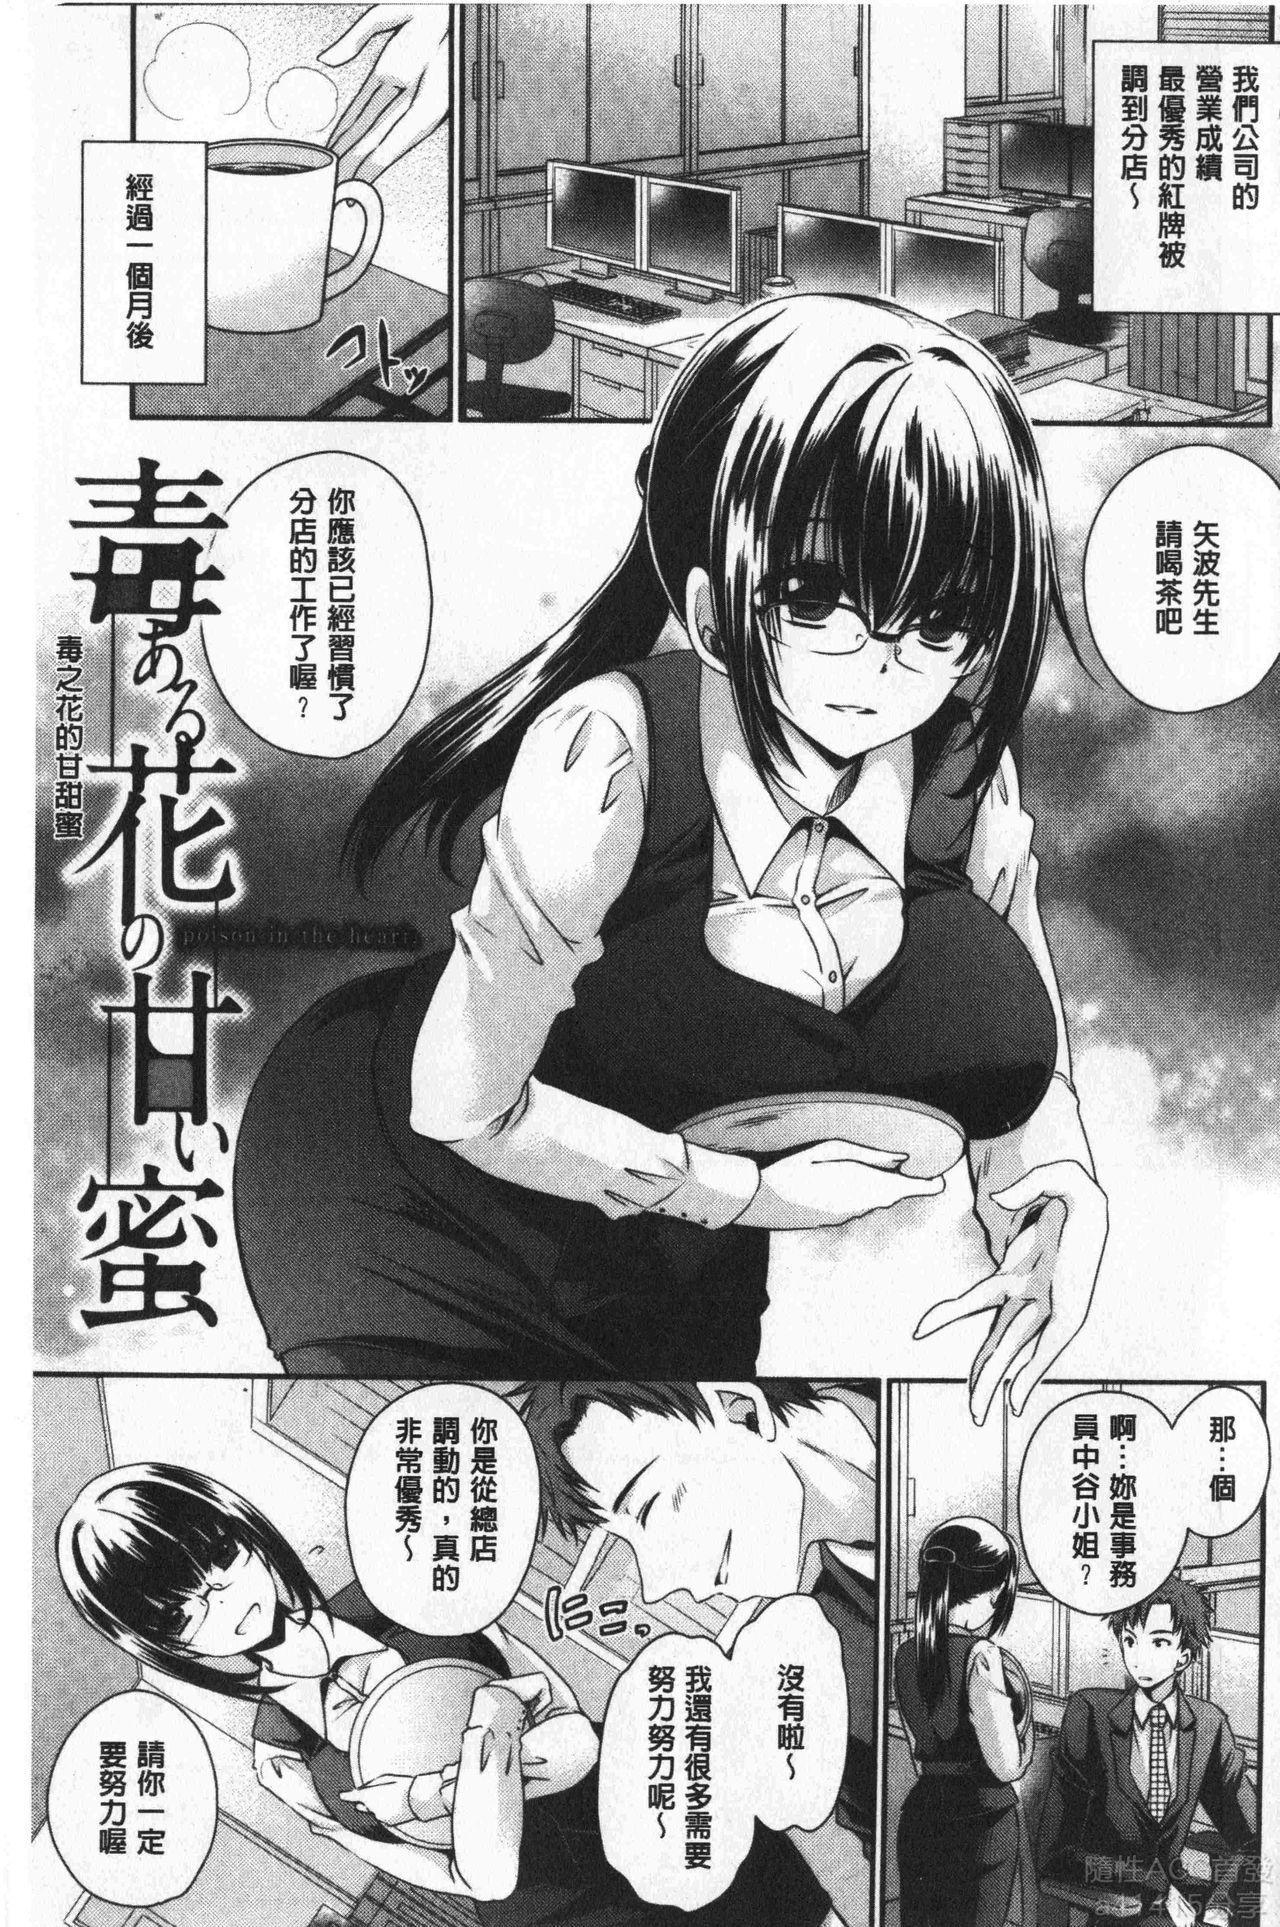 Doku Aru Hana no Amai Mitsu   毒淫花的甘甜蜜 6